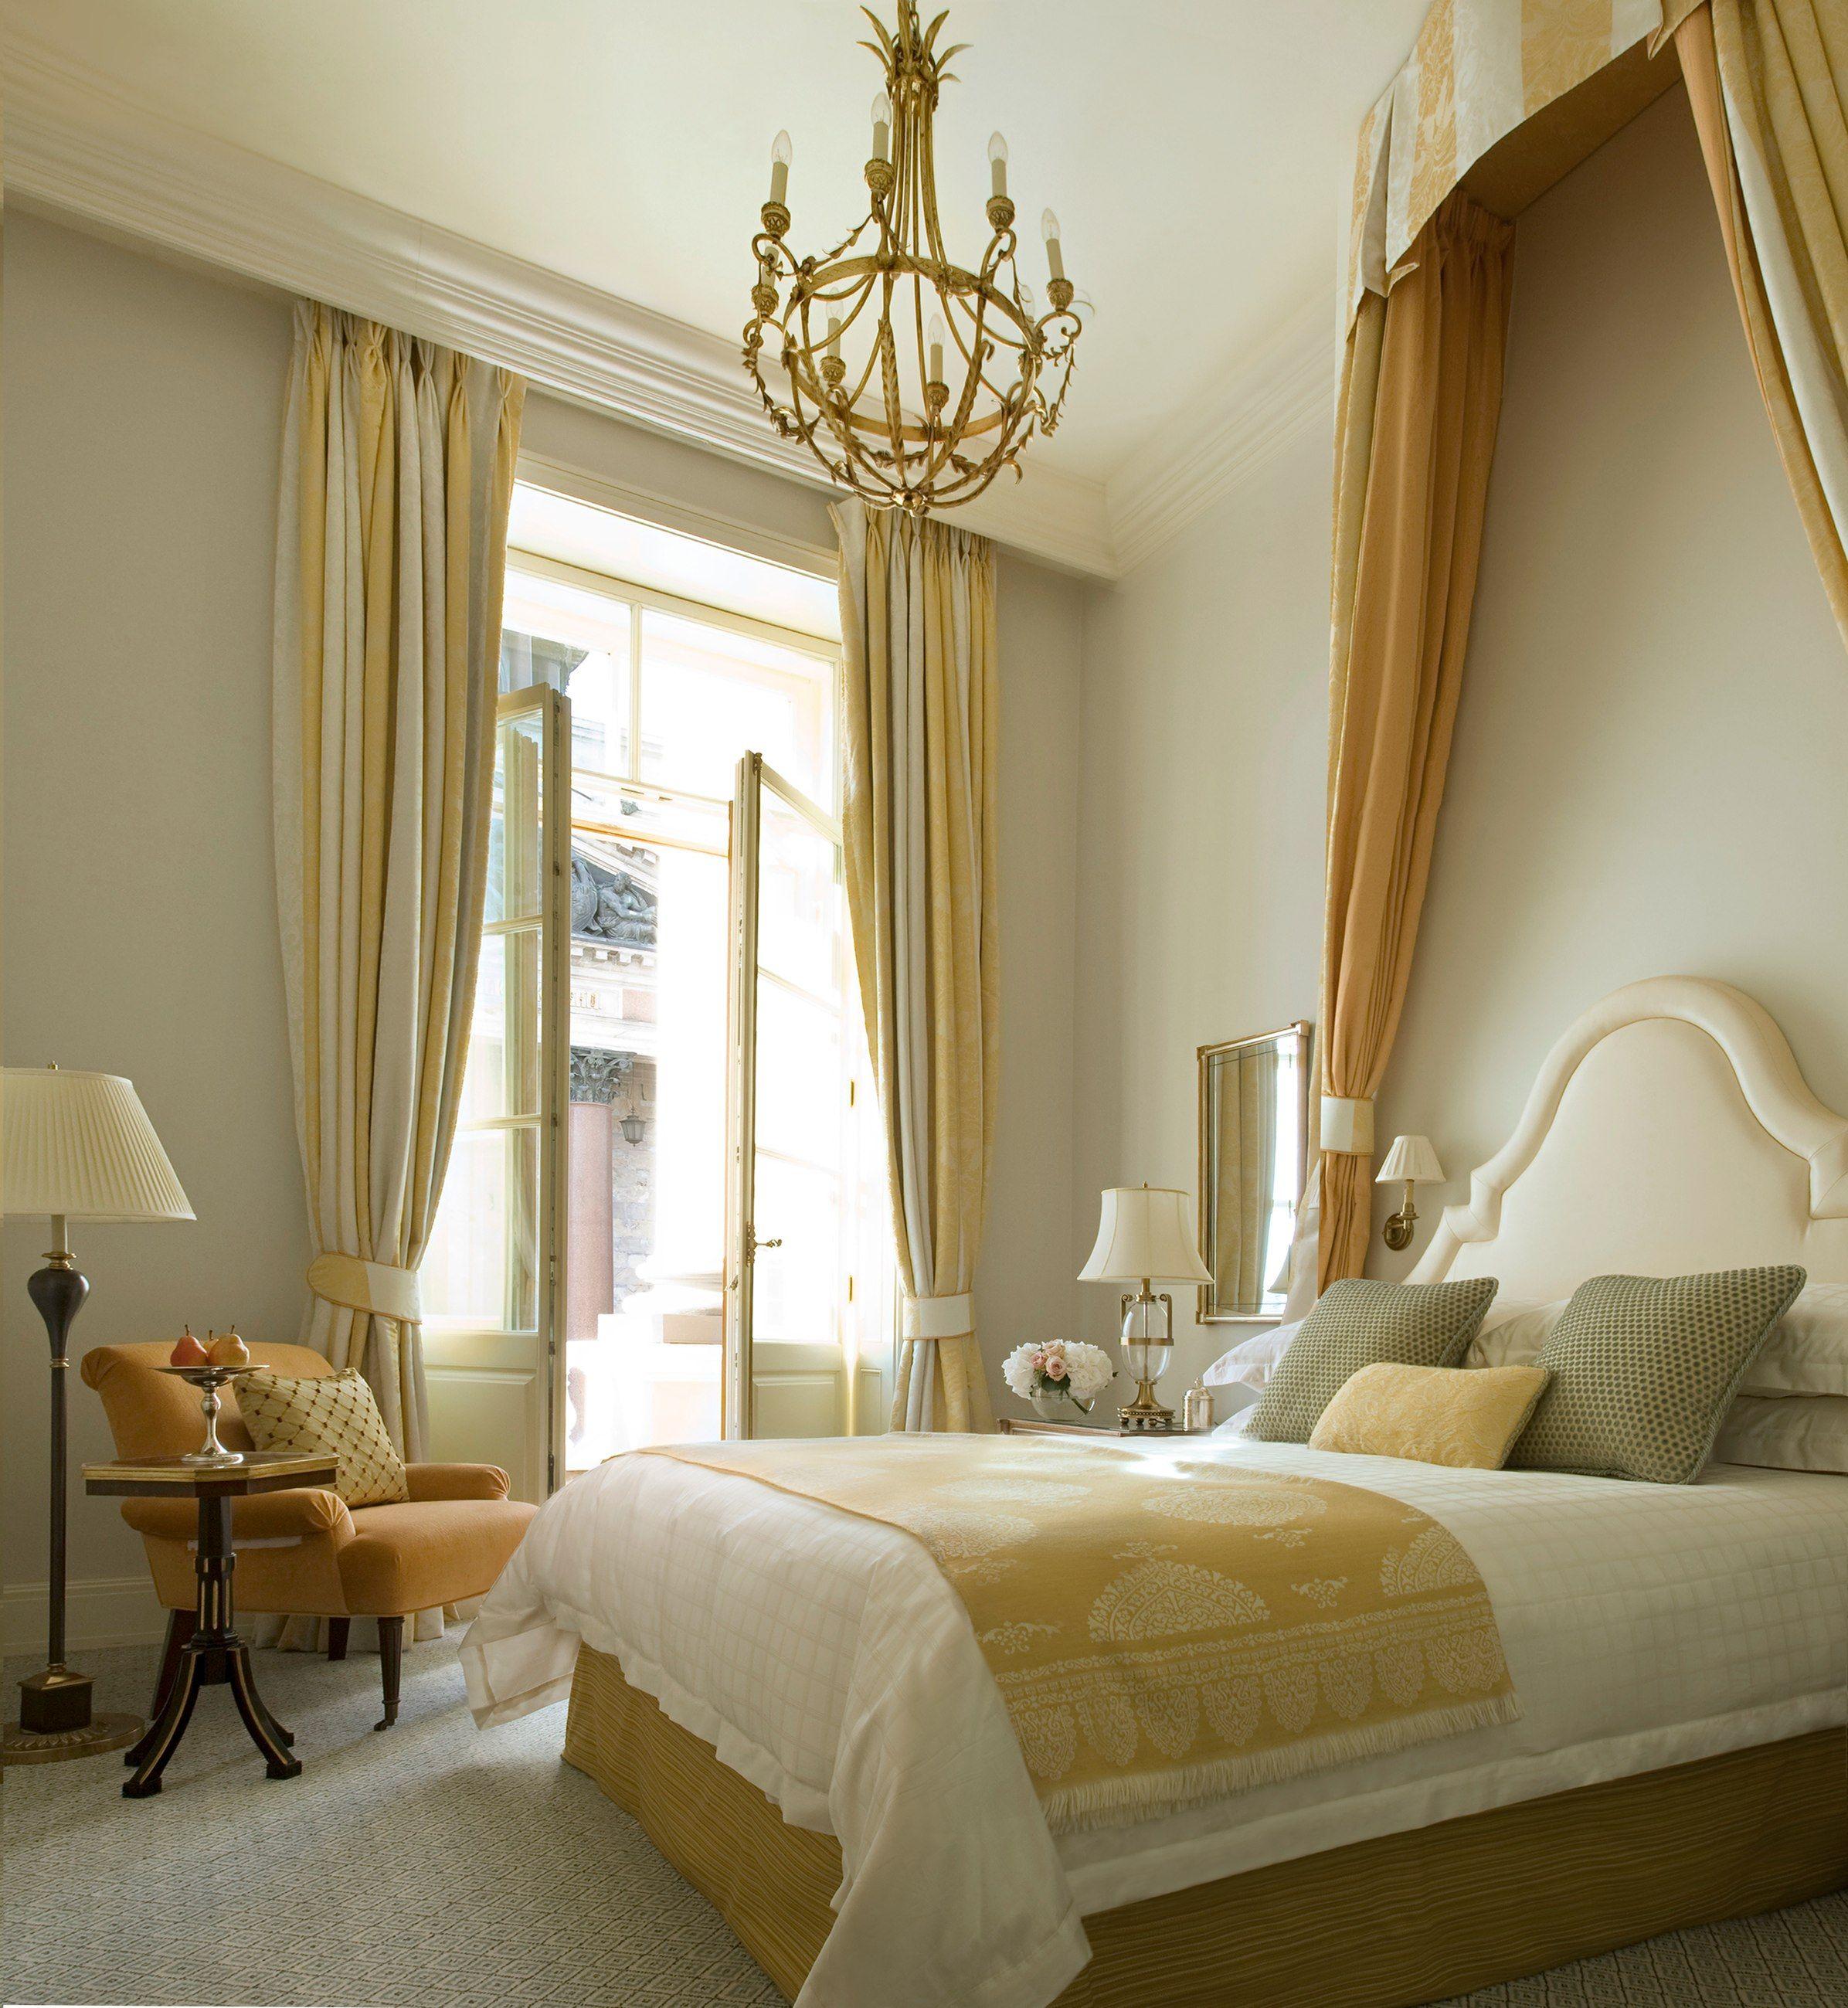 Neues schlafzimmer interieur pin von mirja auf rendez vous a paris  pinterest  schlafzimmer und